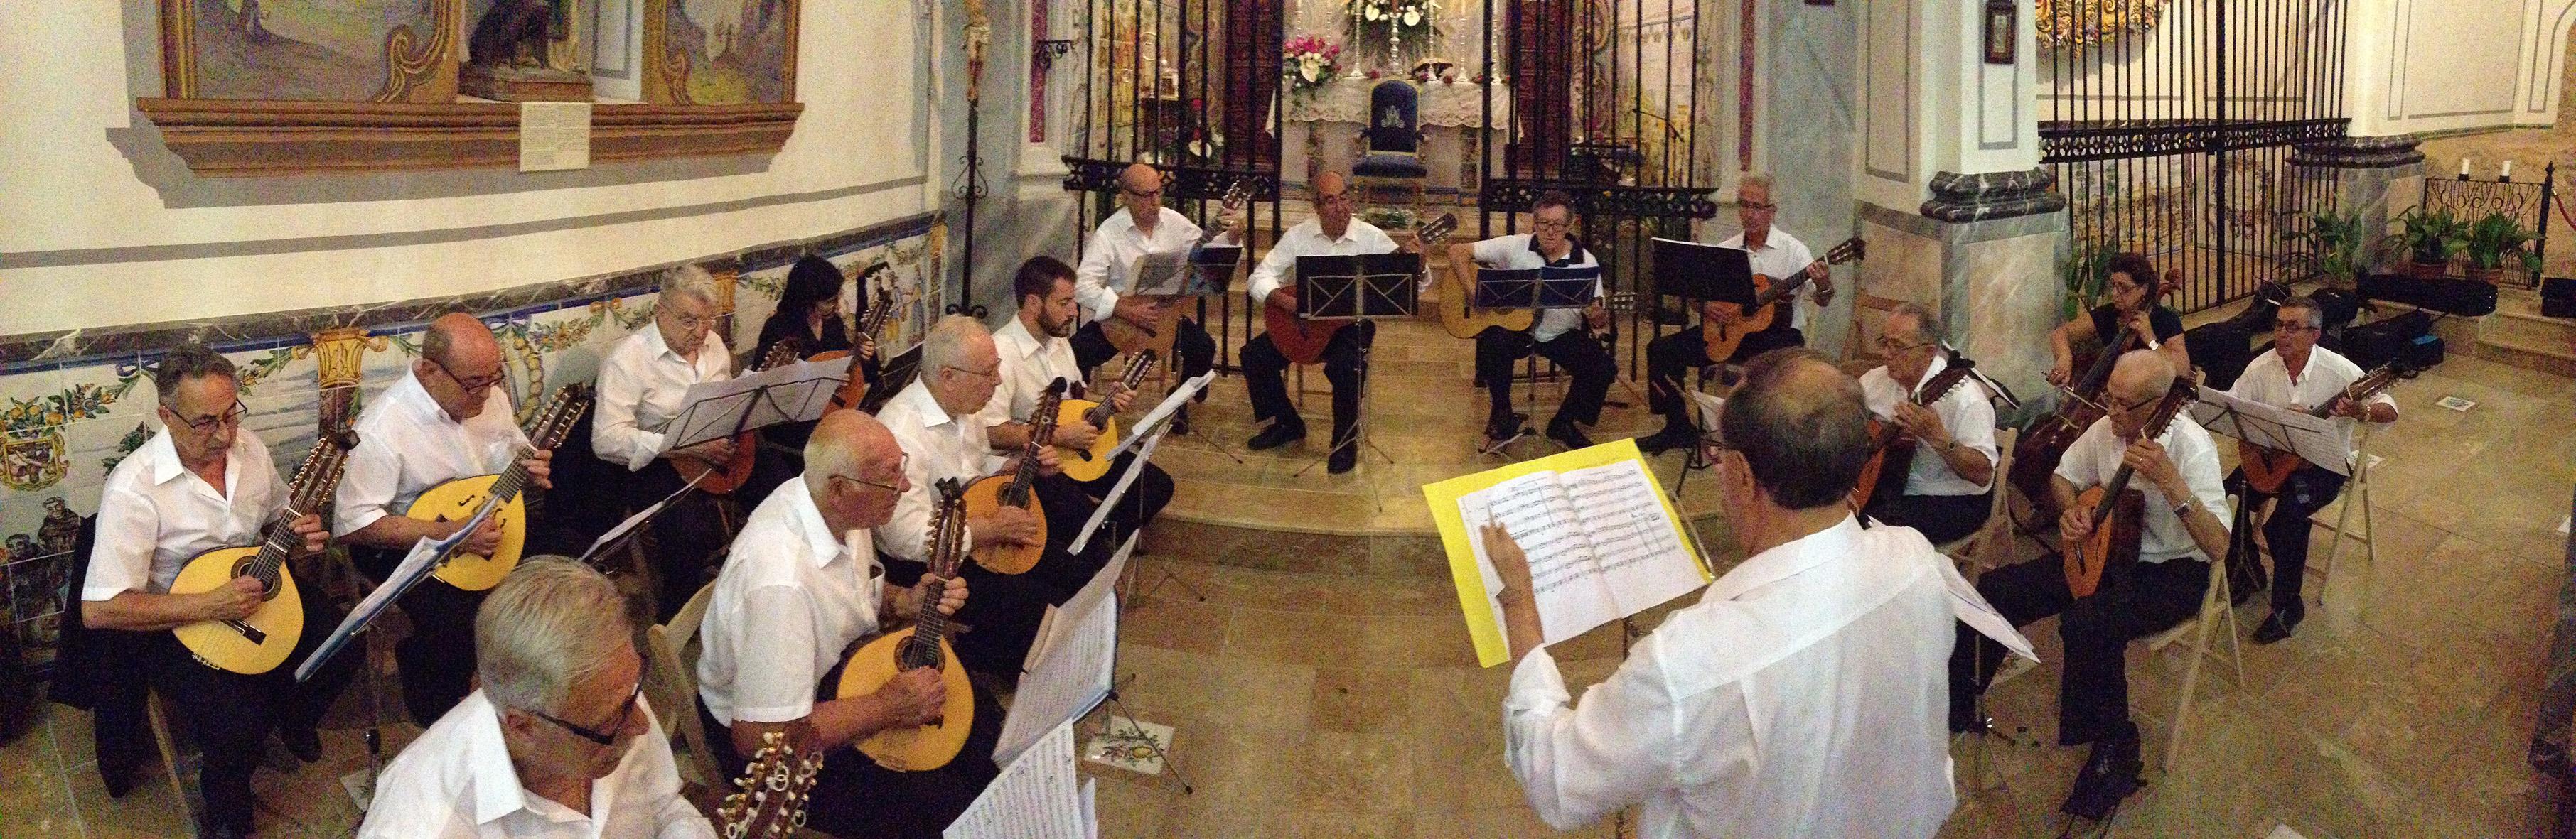 2015-06-21 Concert Lira Convent Agres (11)